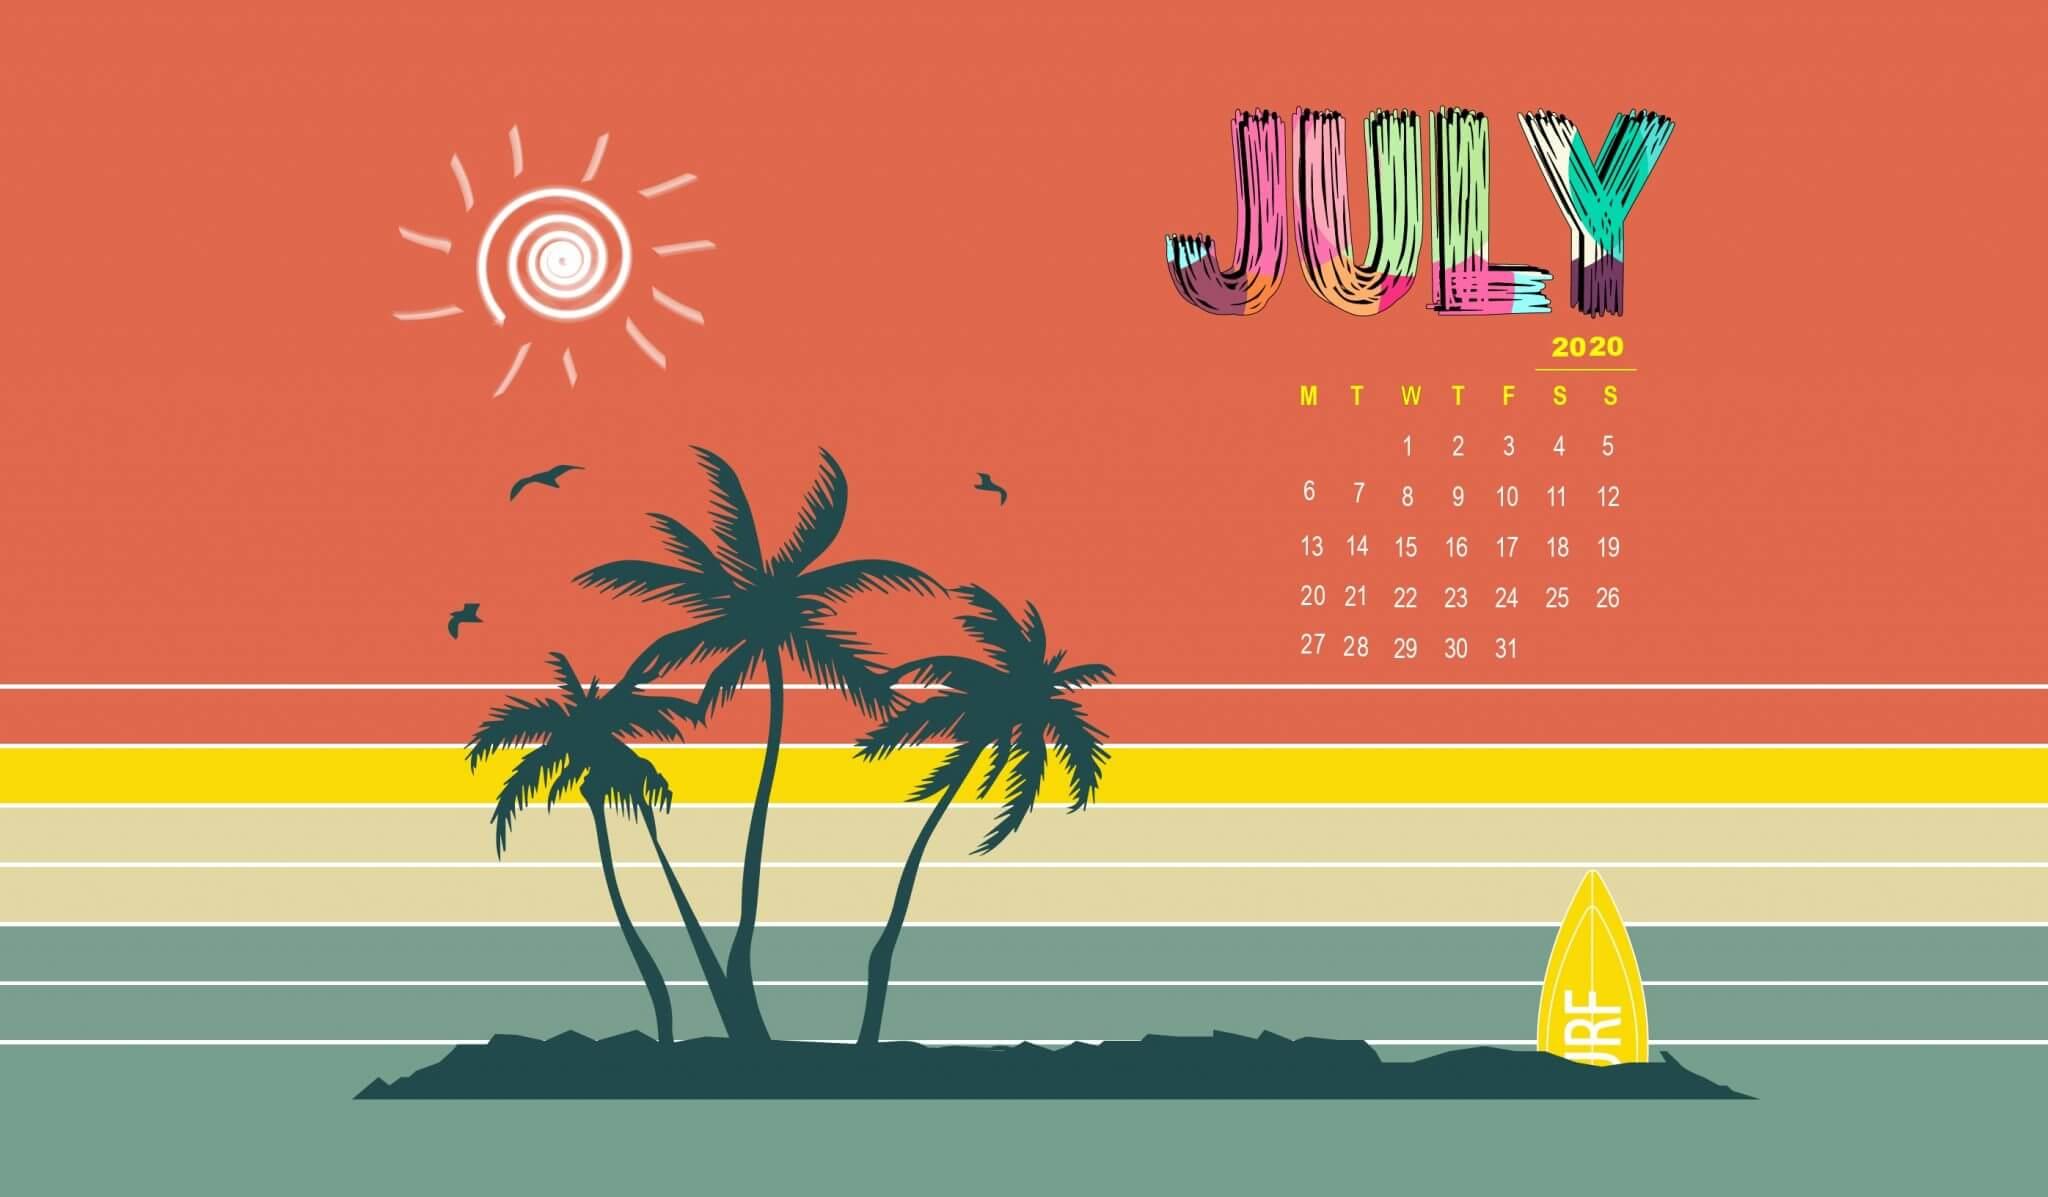 Desktop Calendar Wallpaper July 2020